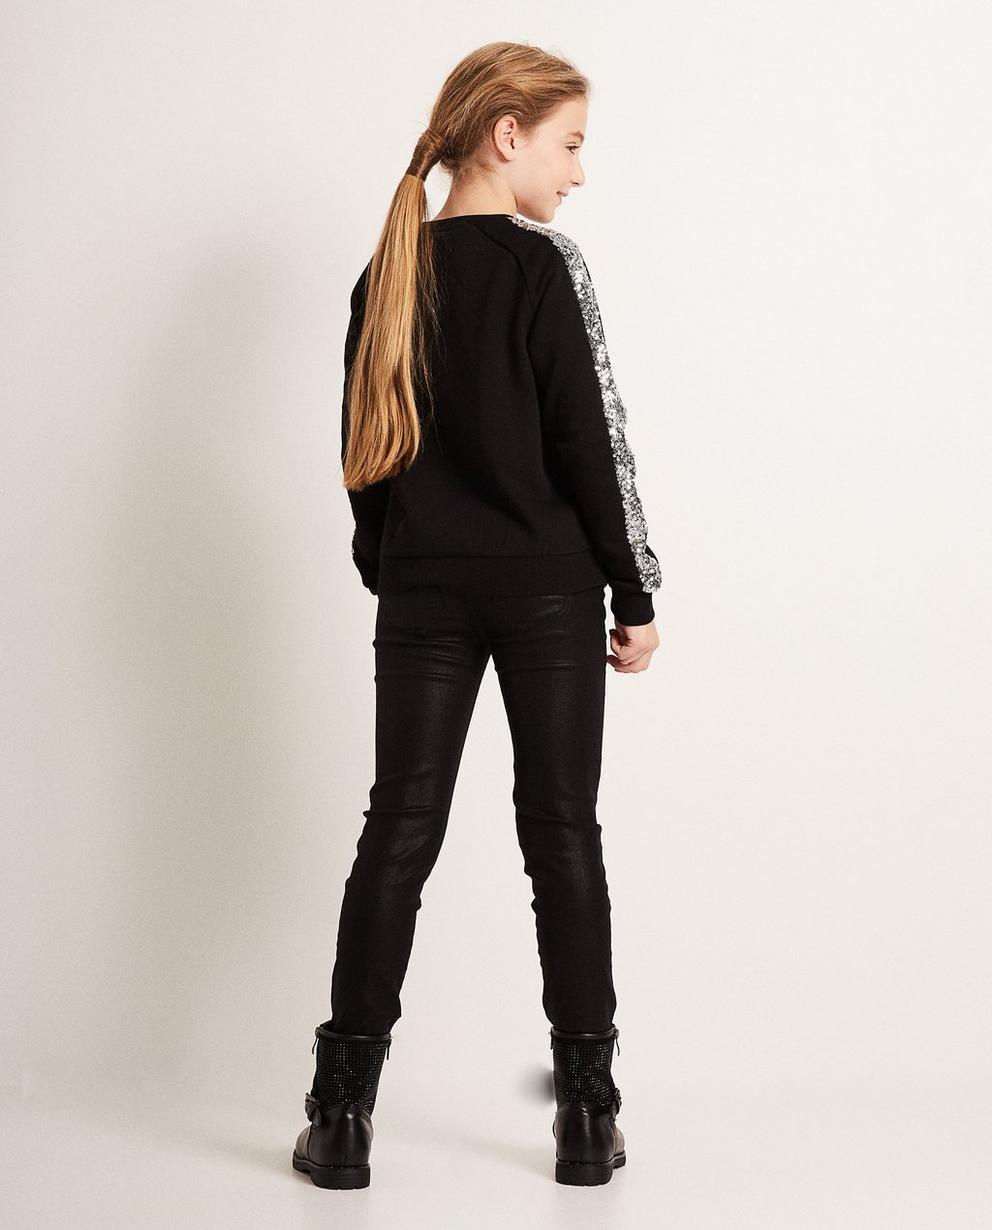 Sweater - Schwarz - Schwarzer Sweater